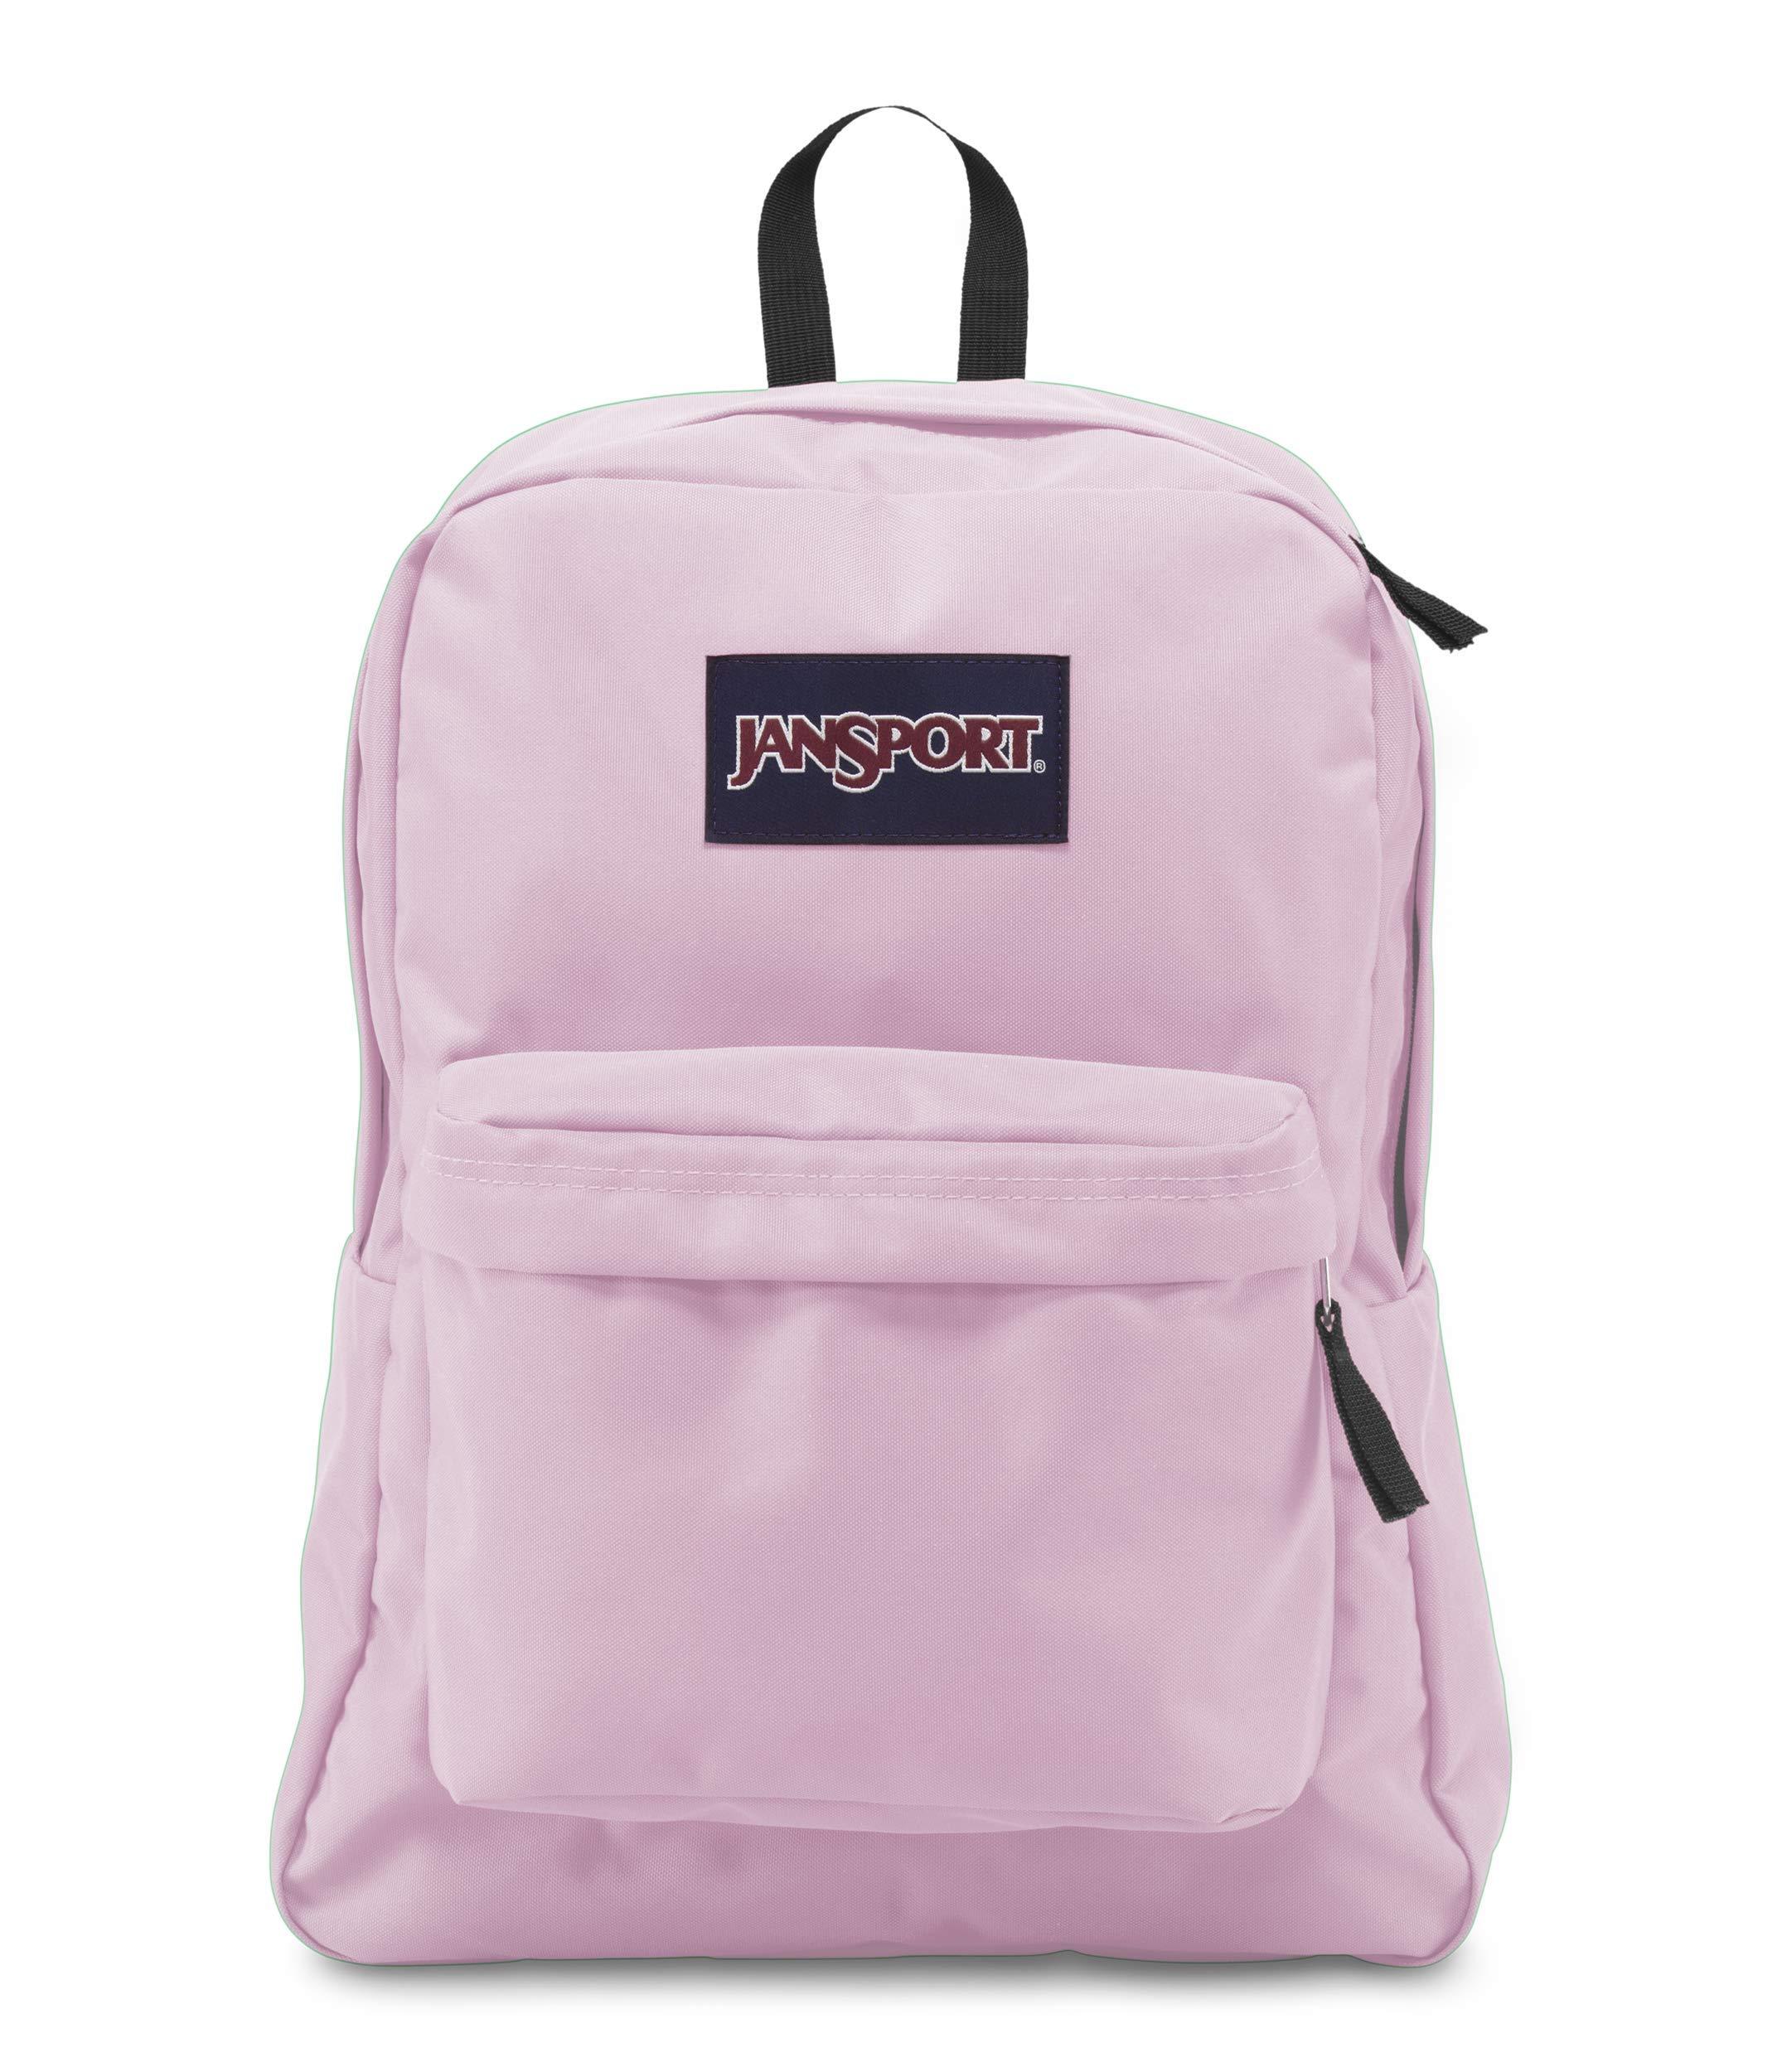 JanSport JS00T5013B7 Superbreak Backpack, Pink Mist by JanSport (Image #1)